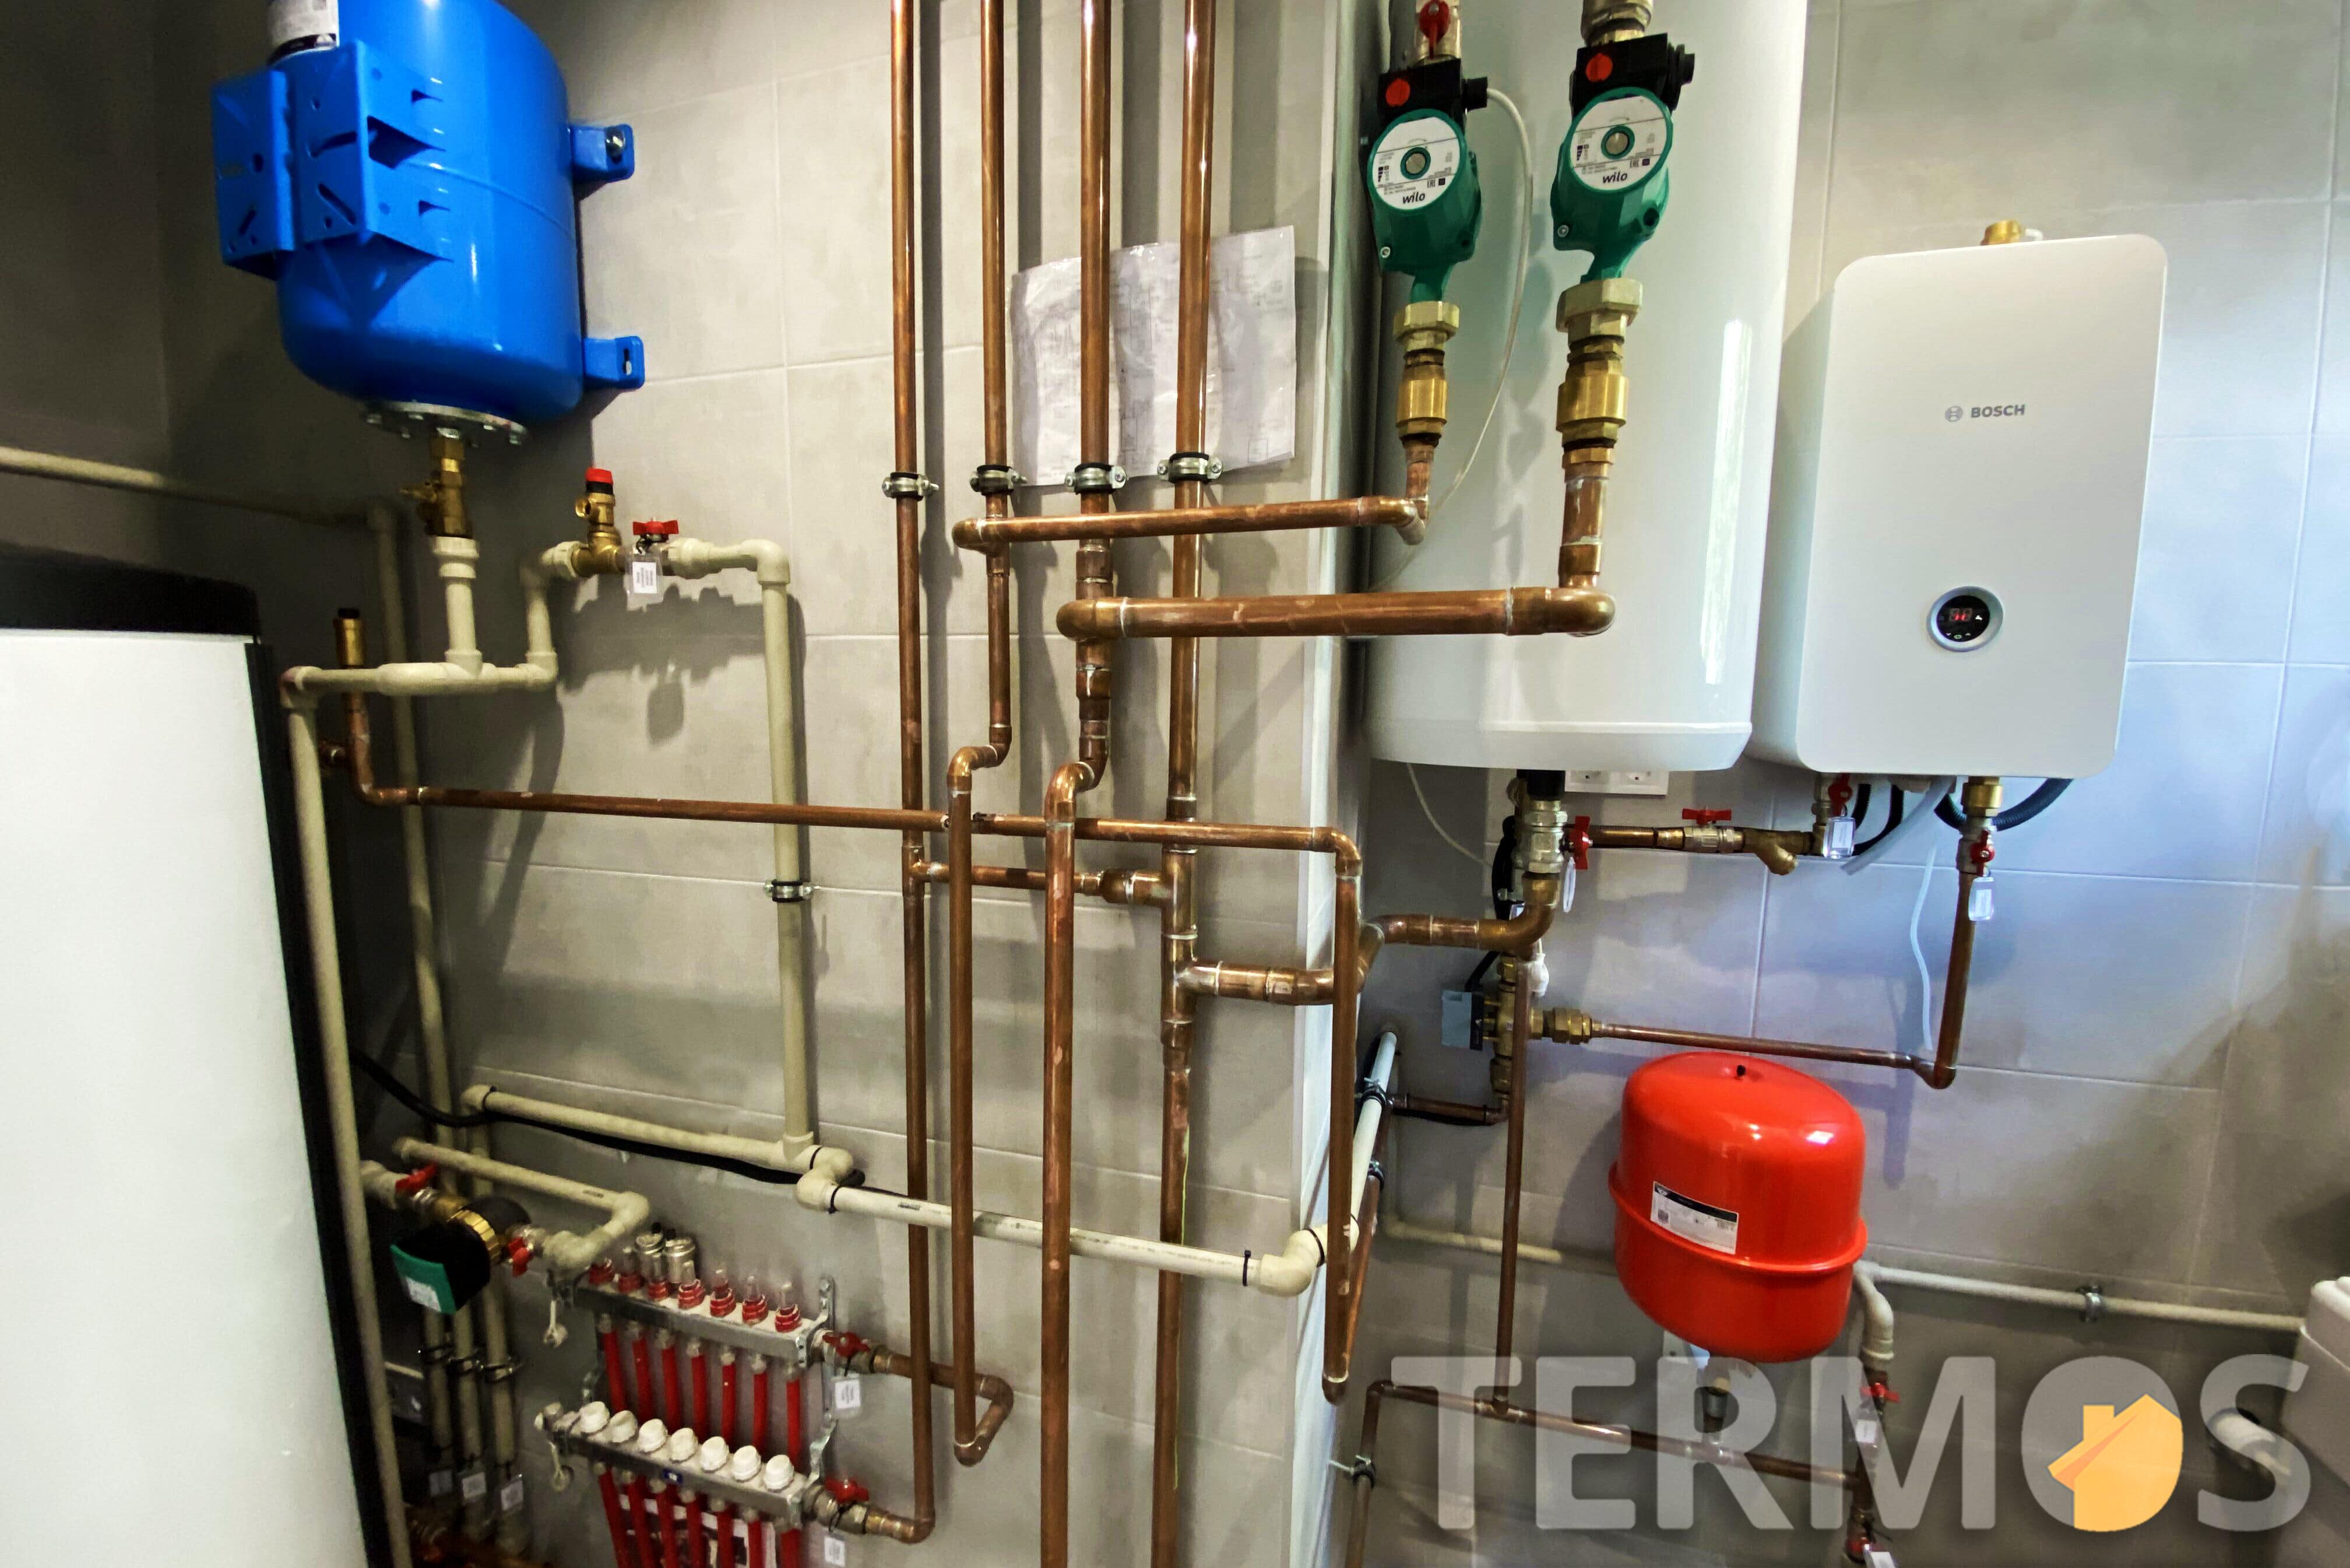 Высокоэффективный бойлер 300 л для горячего водоснабжения и буферная емкость, обеспечивают возможность установки воздушного теплового насоса, быстро и без переделки топочной